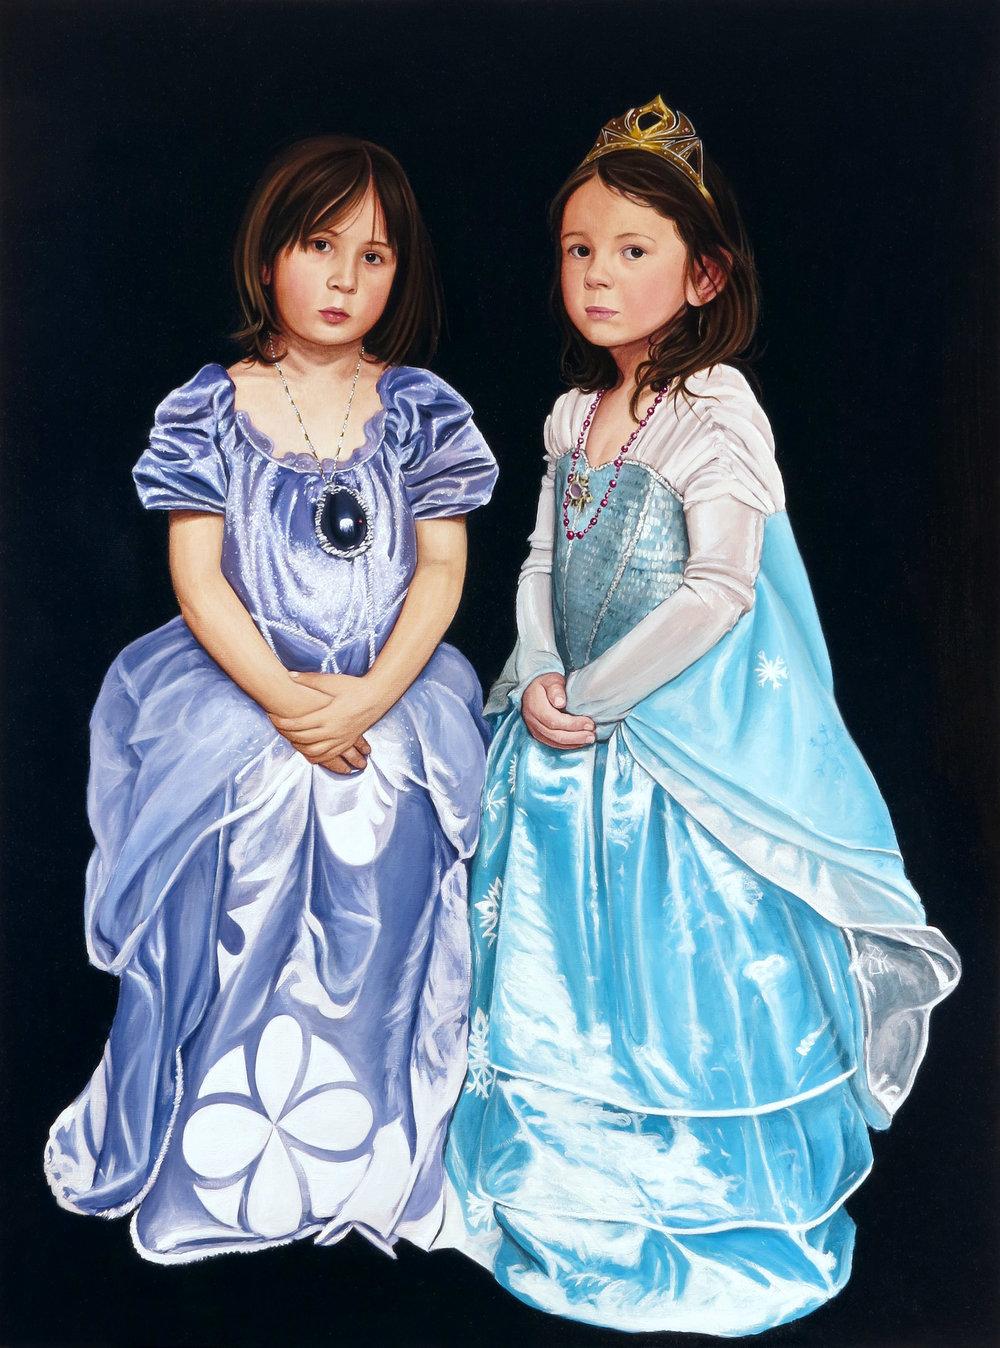 Les princesses, 2016. Huile sur toile / Oil on canvas. 116 x 88,5 cm